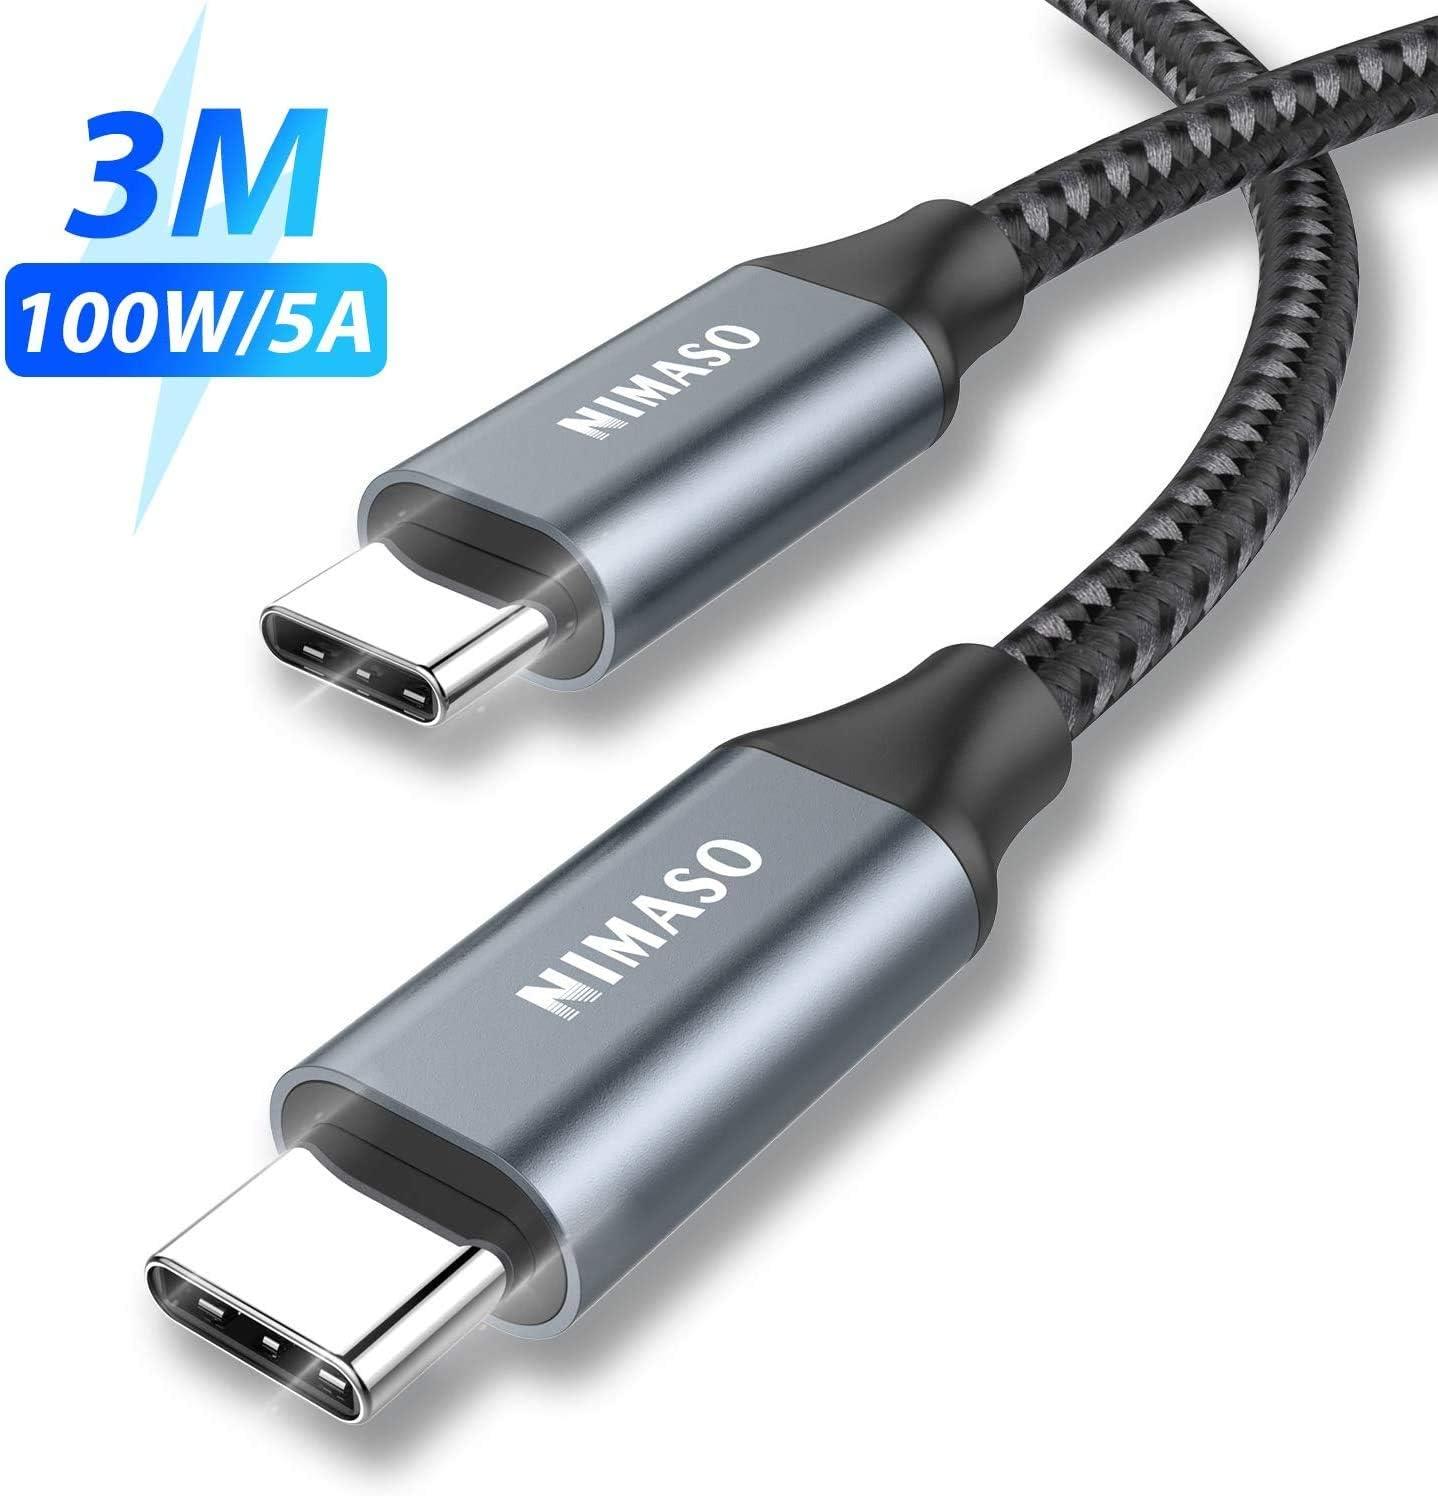 NIMASO USB C a USB C Cable 3M,Cable Tipo C de Carga Rápida 100W 20V/5A PD con E-Mark Chip y Cable de Datos para MacBook,MacBook Pro,iPad Pro 2020/2018,MacBook Air 2020,ChromeBook Pixel,Galaxy S20 S10